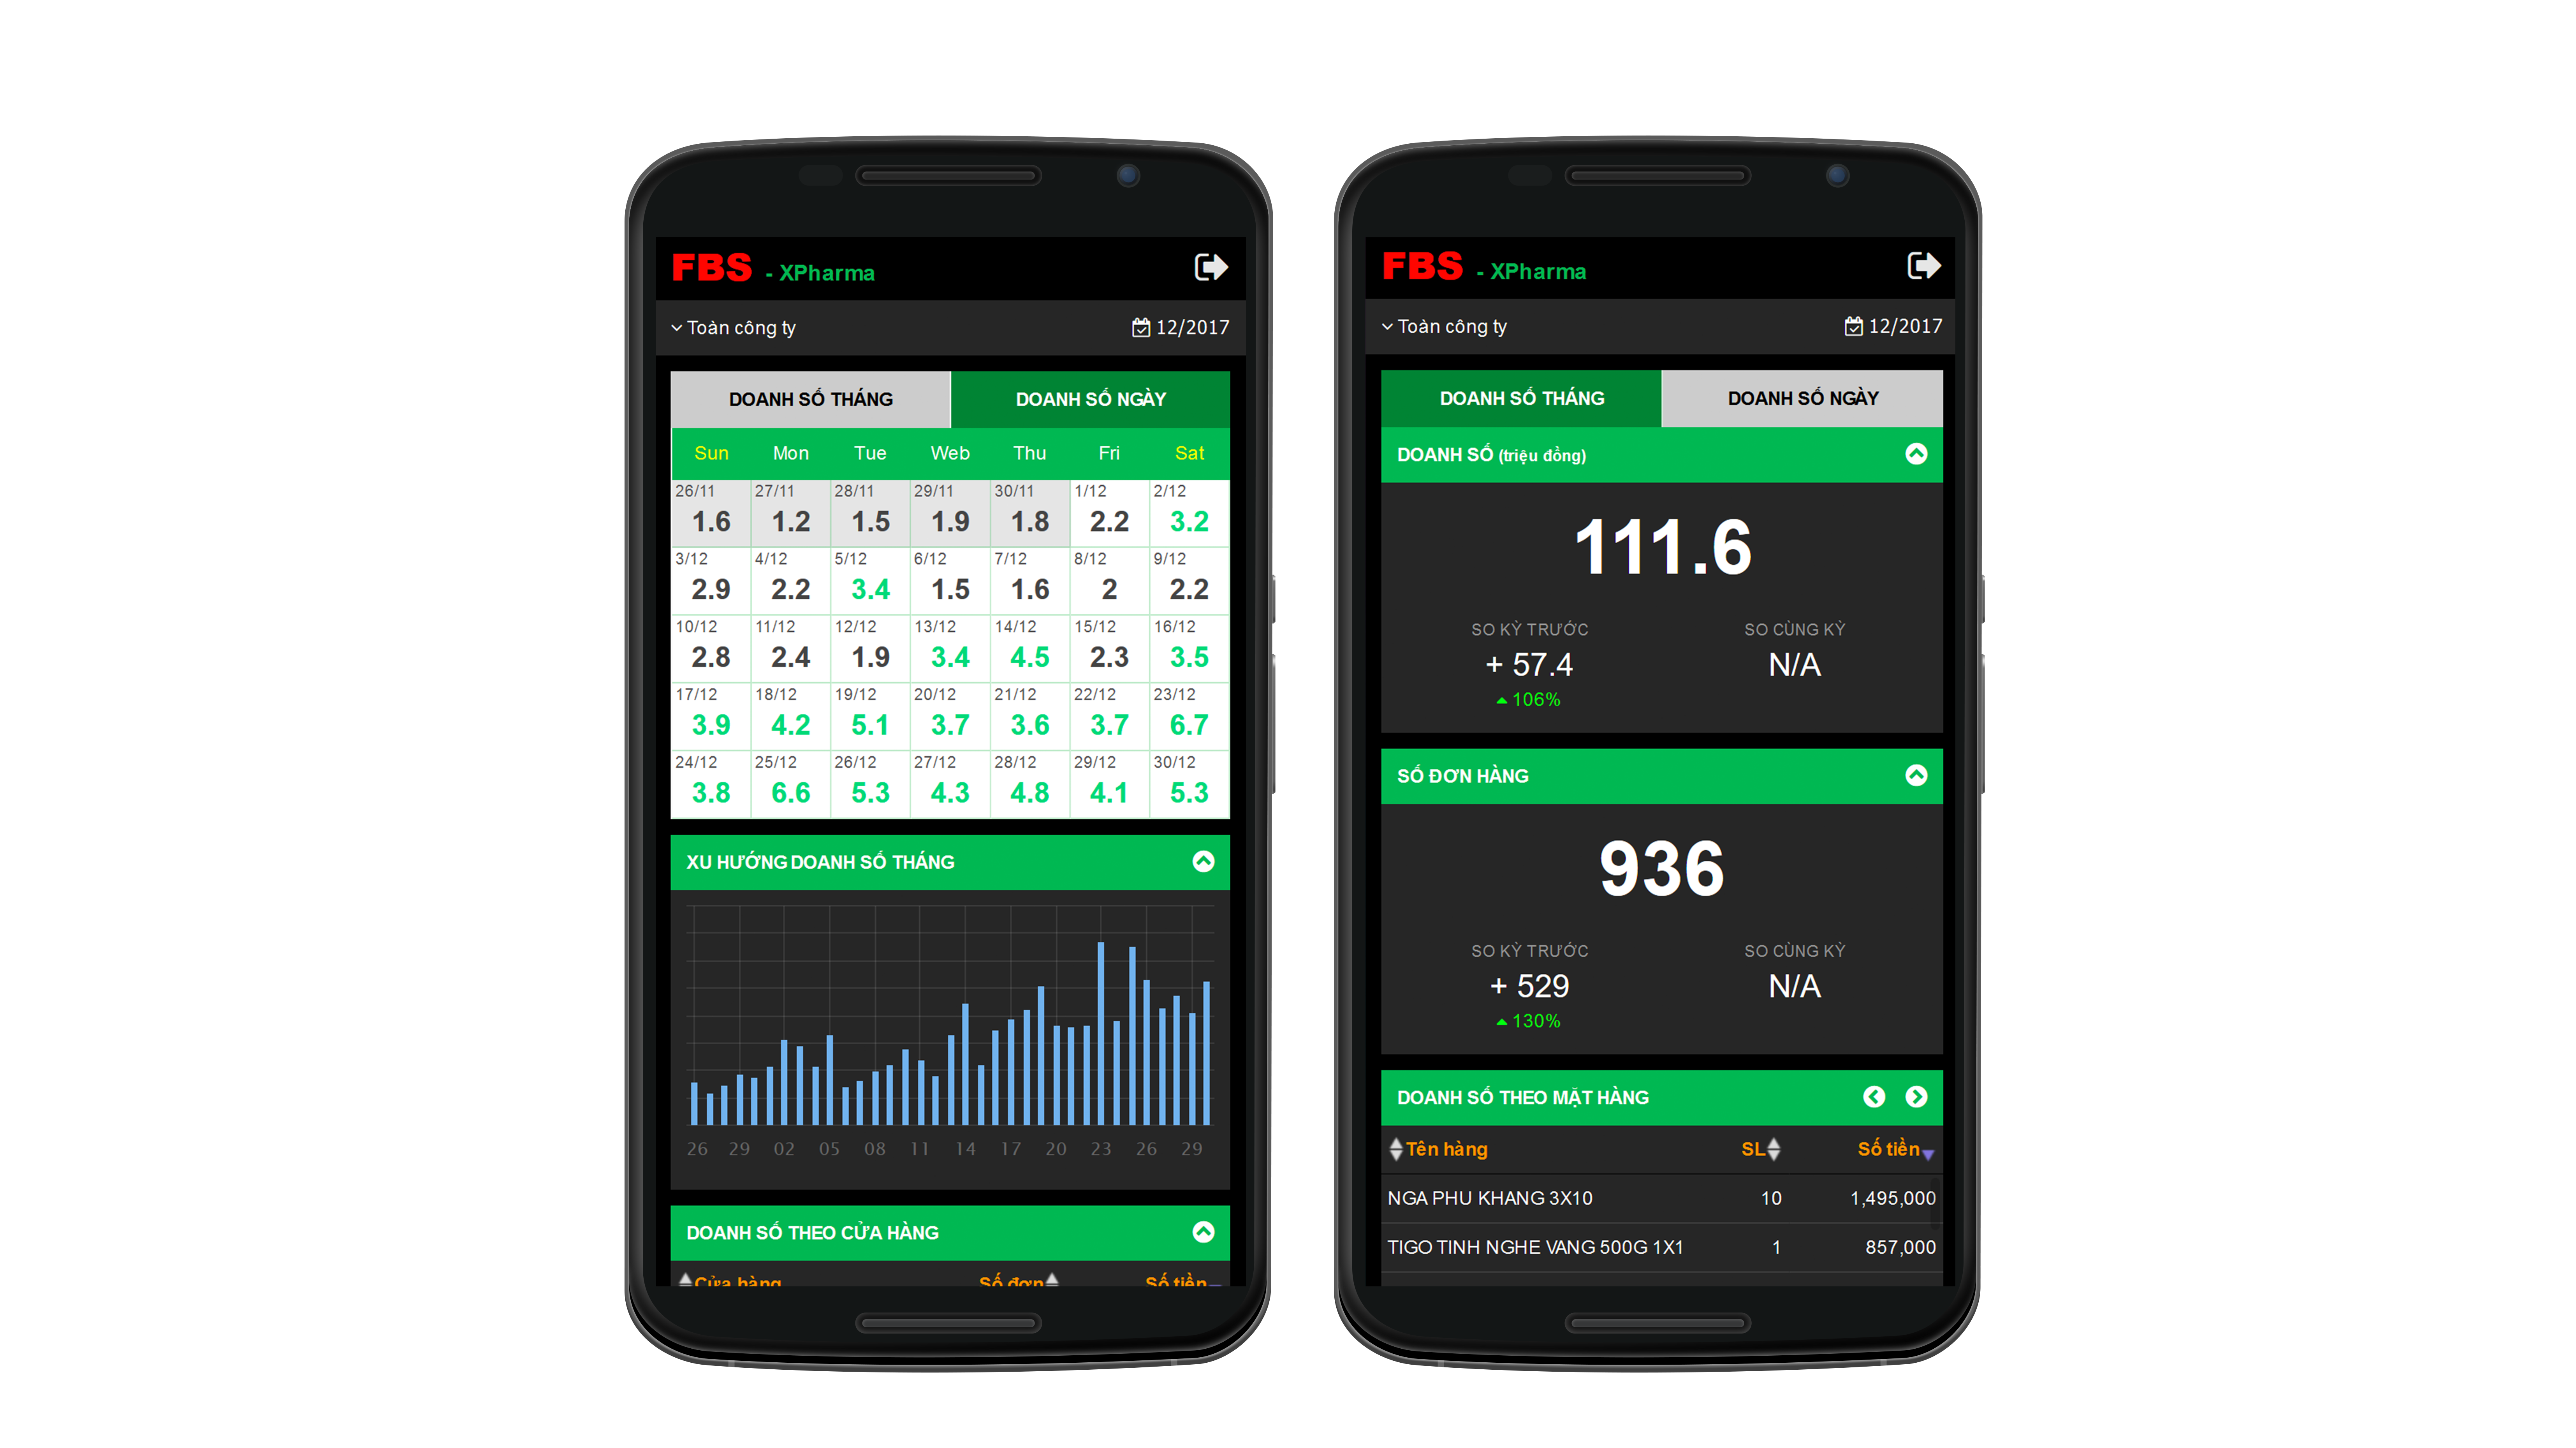 XPharma - Quản lý giá vốn hiệu quả